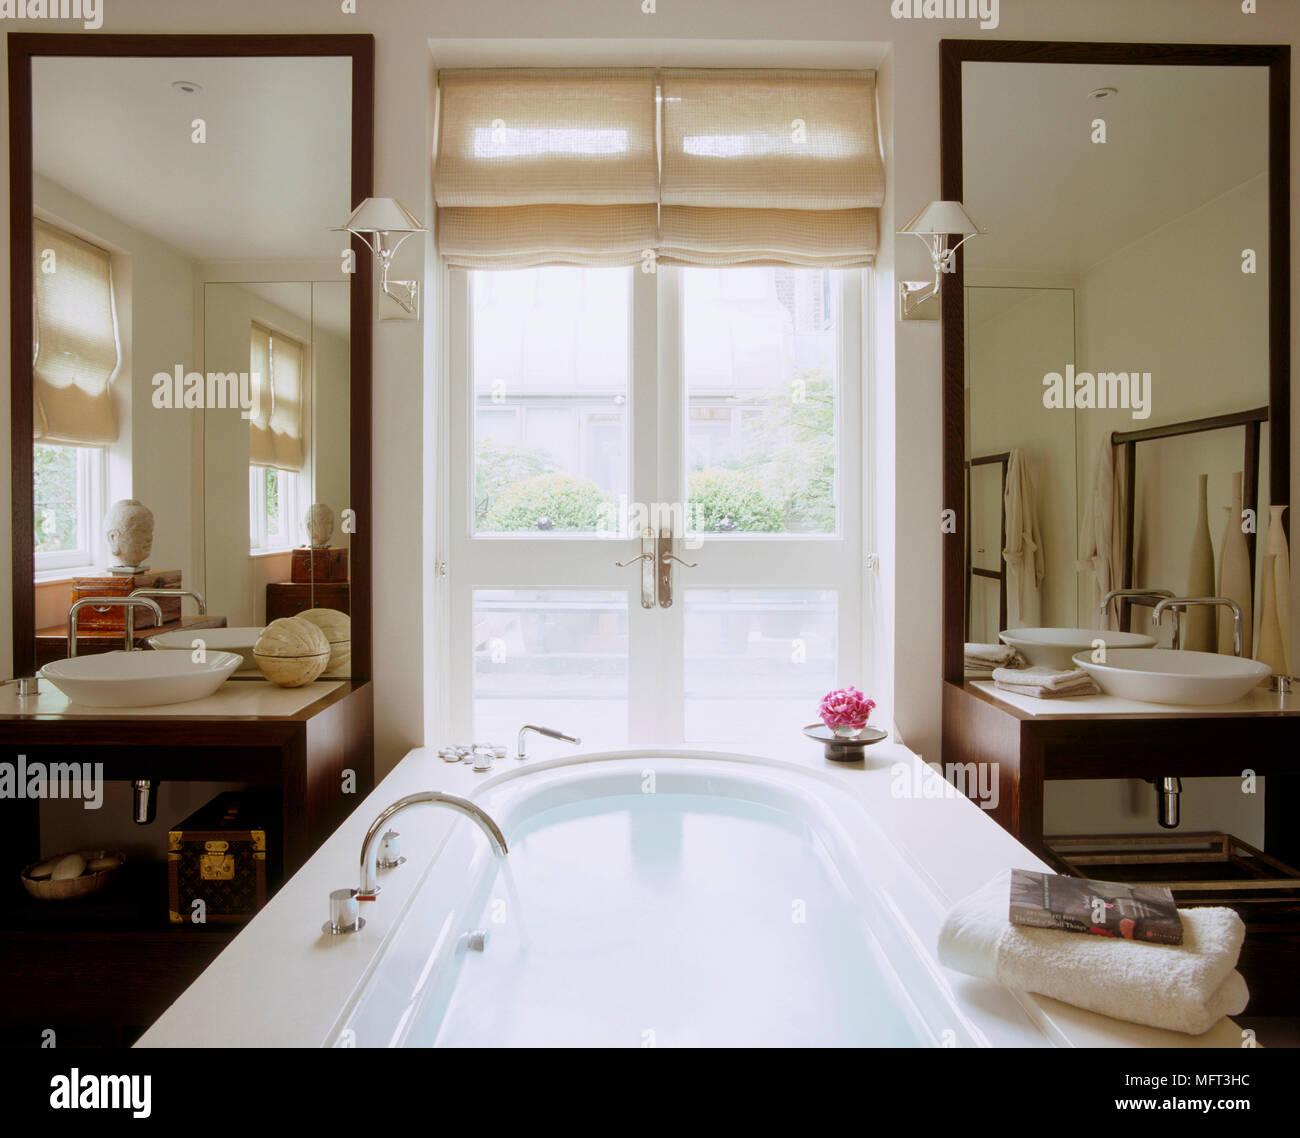 Baignoire sur pied au centre de la salle de bains avec ...